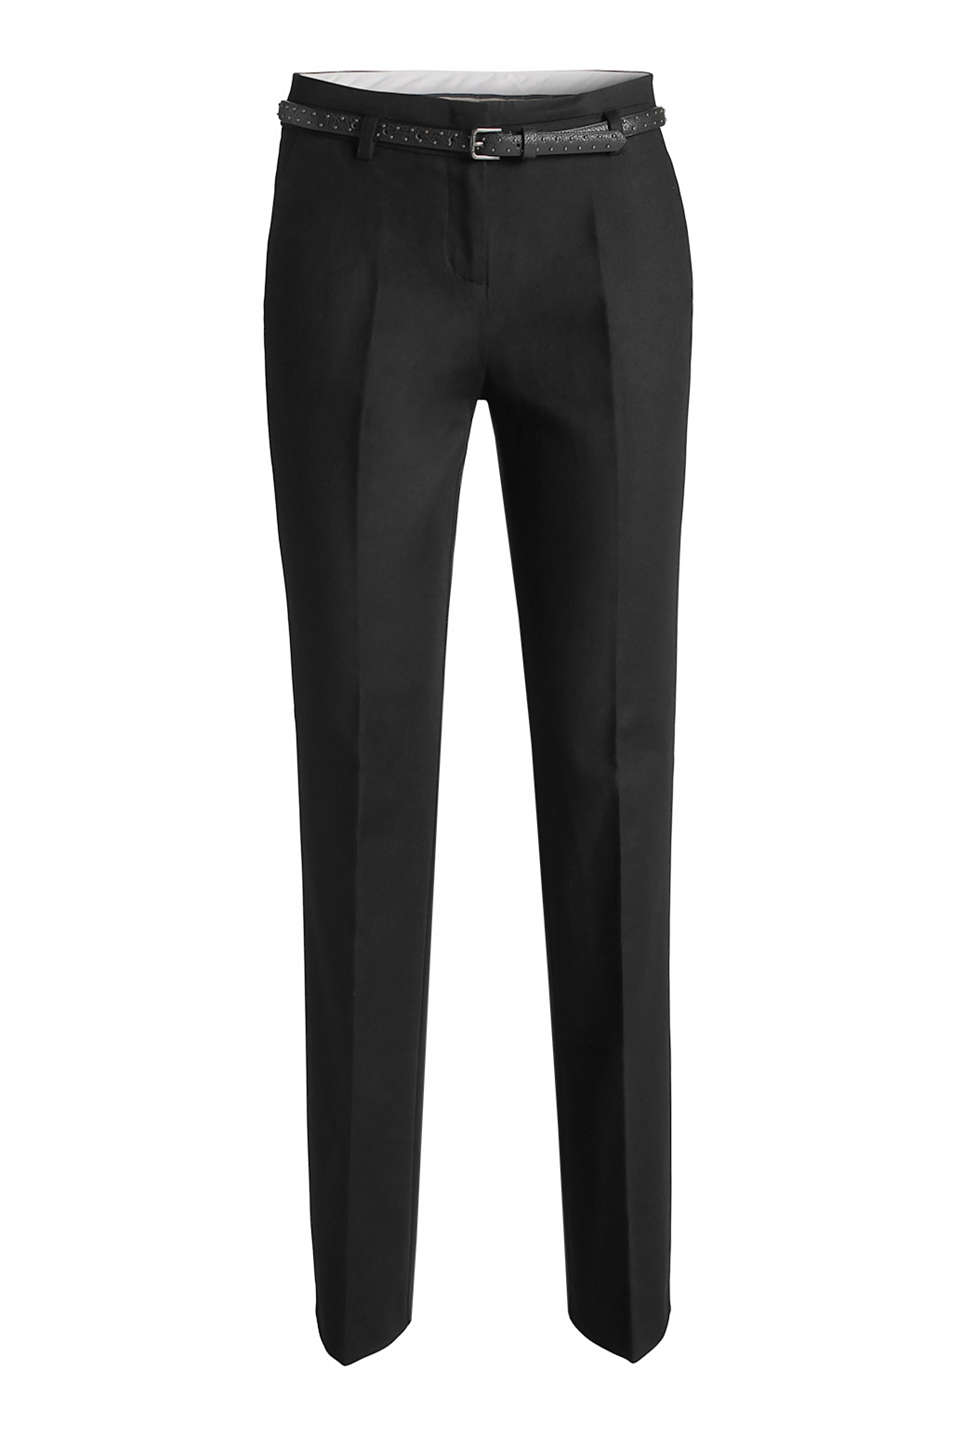 Esprit   Pantalon stretch soigné en coton à acheter sur la Boutique ... 7dbc76ebe03f